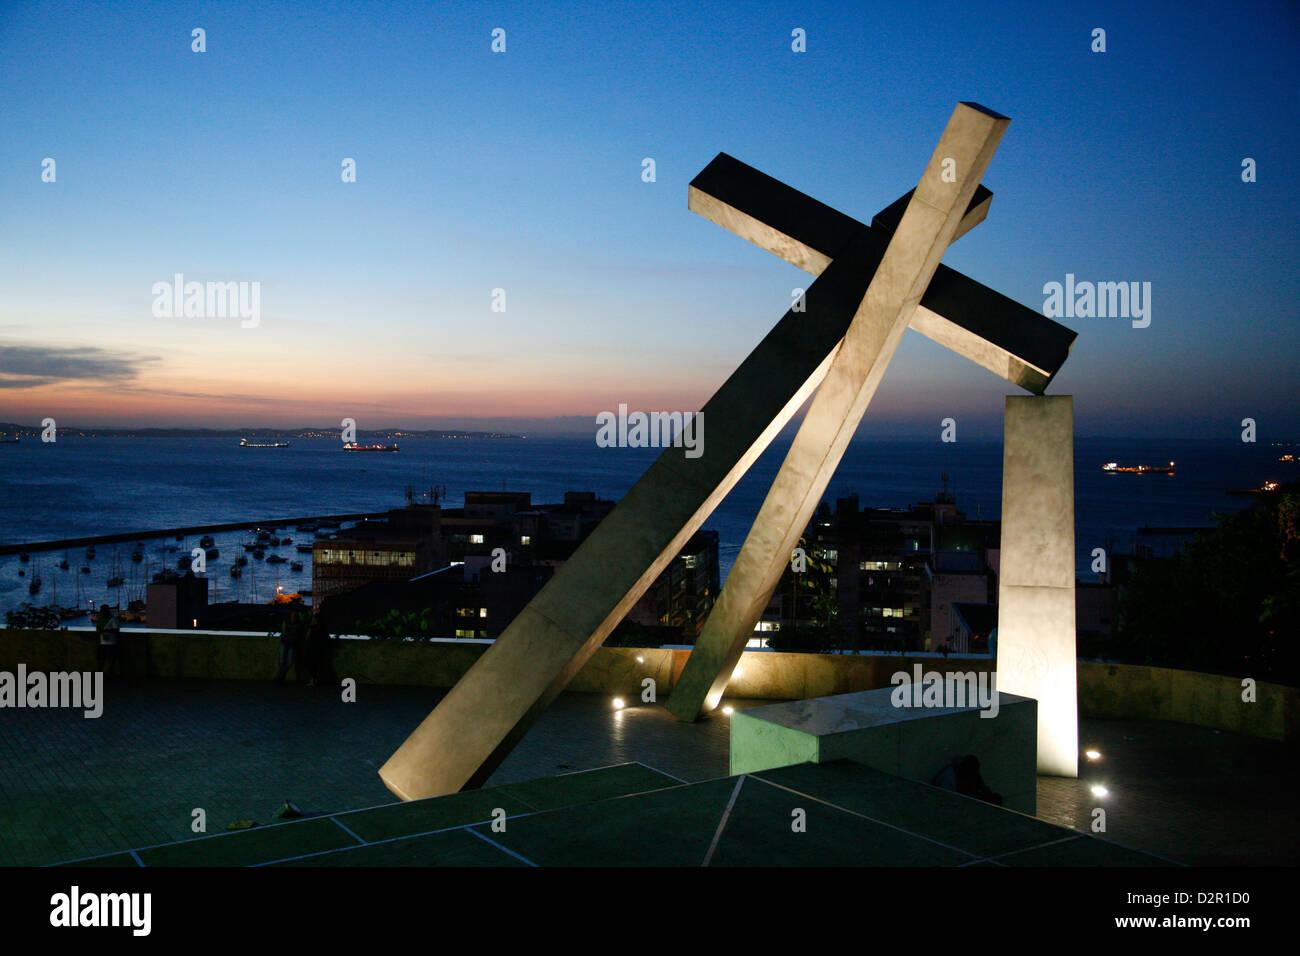 Largo da Cruz Quebrada (Kreuz gefallen), Pelourinho, Salvador (Salvador de Bahia), Bahia, Brasilien, Südamerika Stockbild